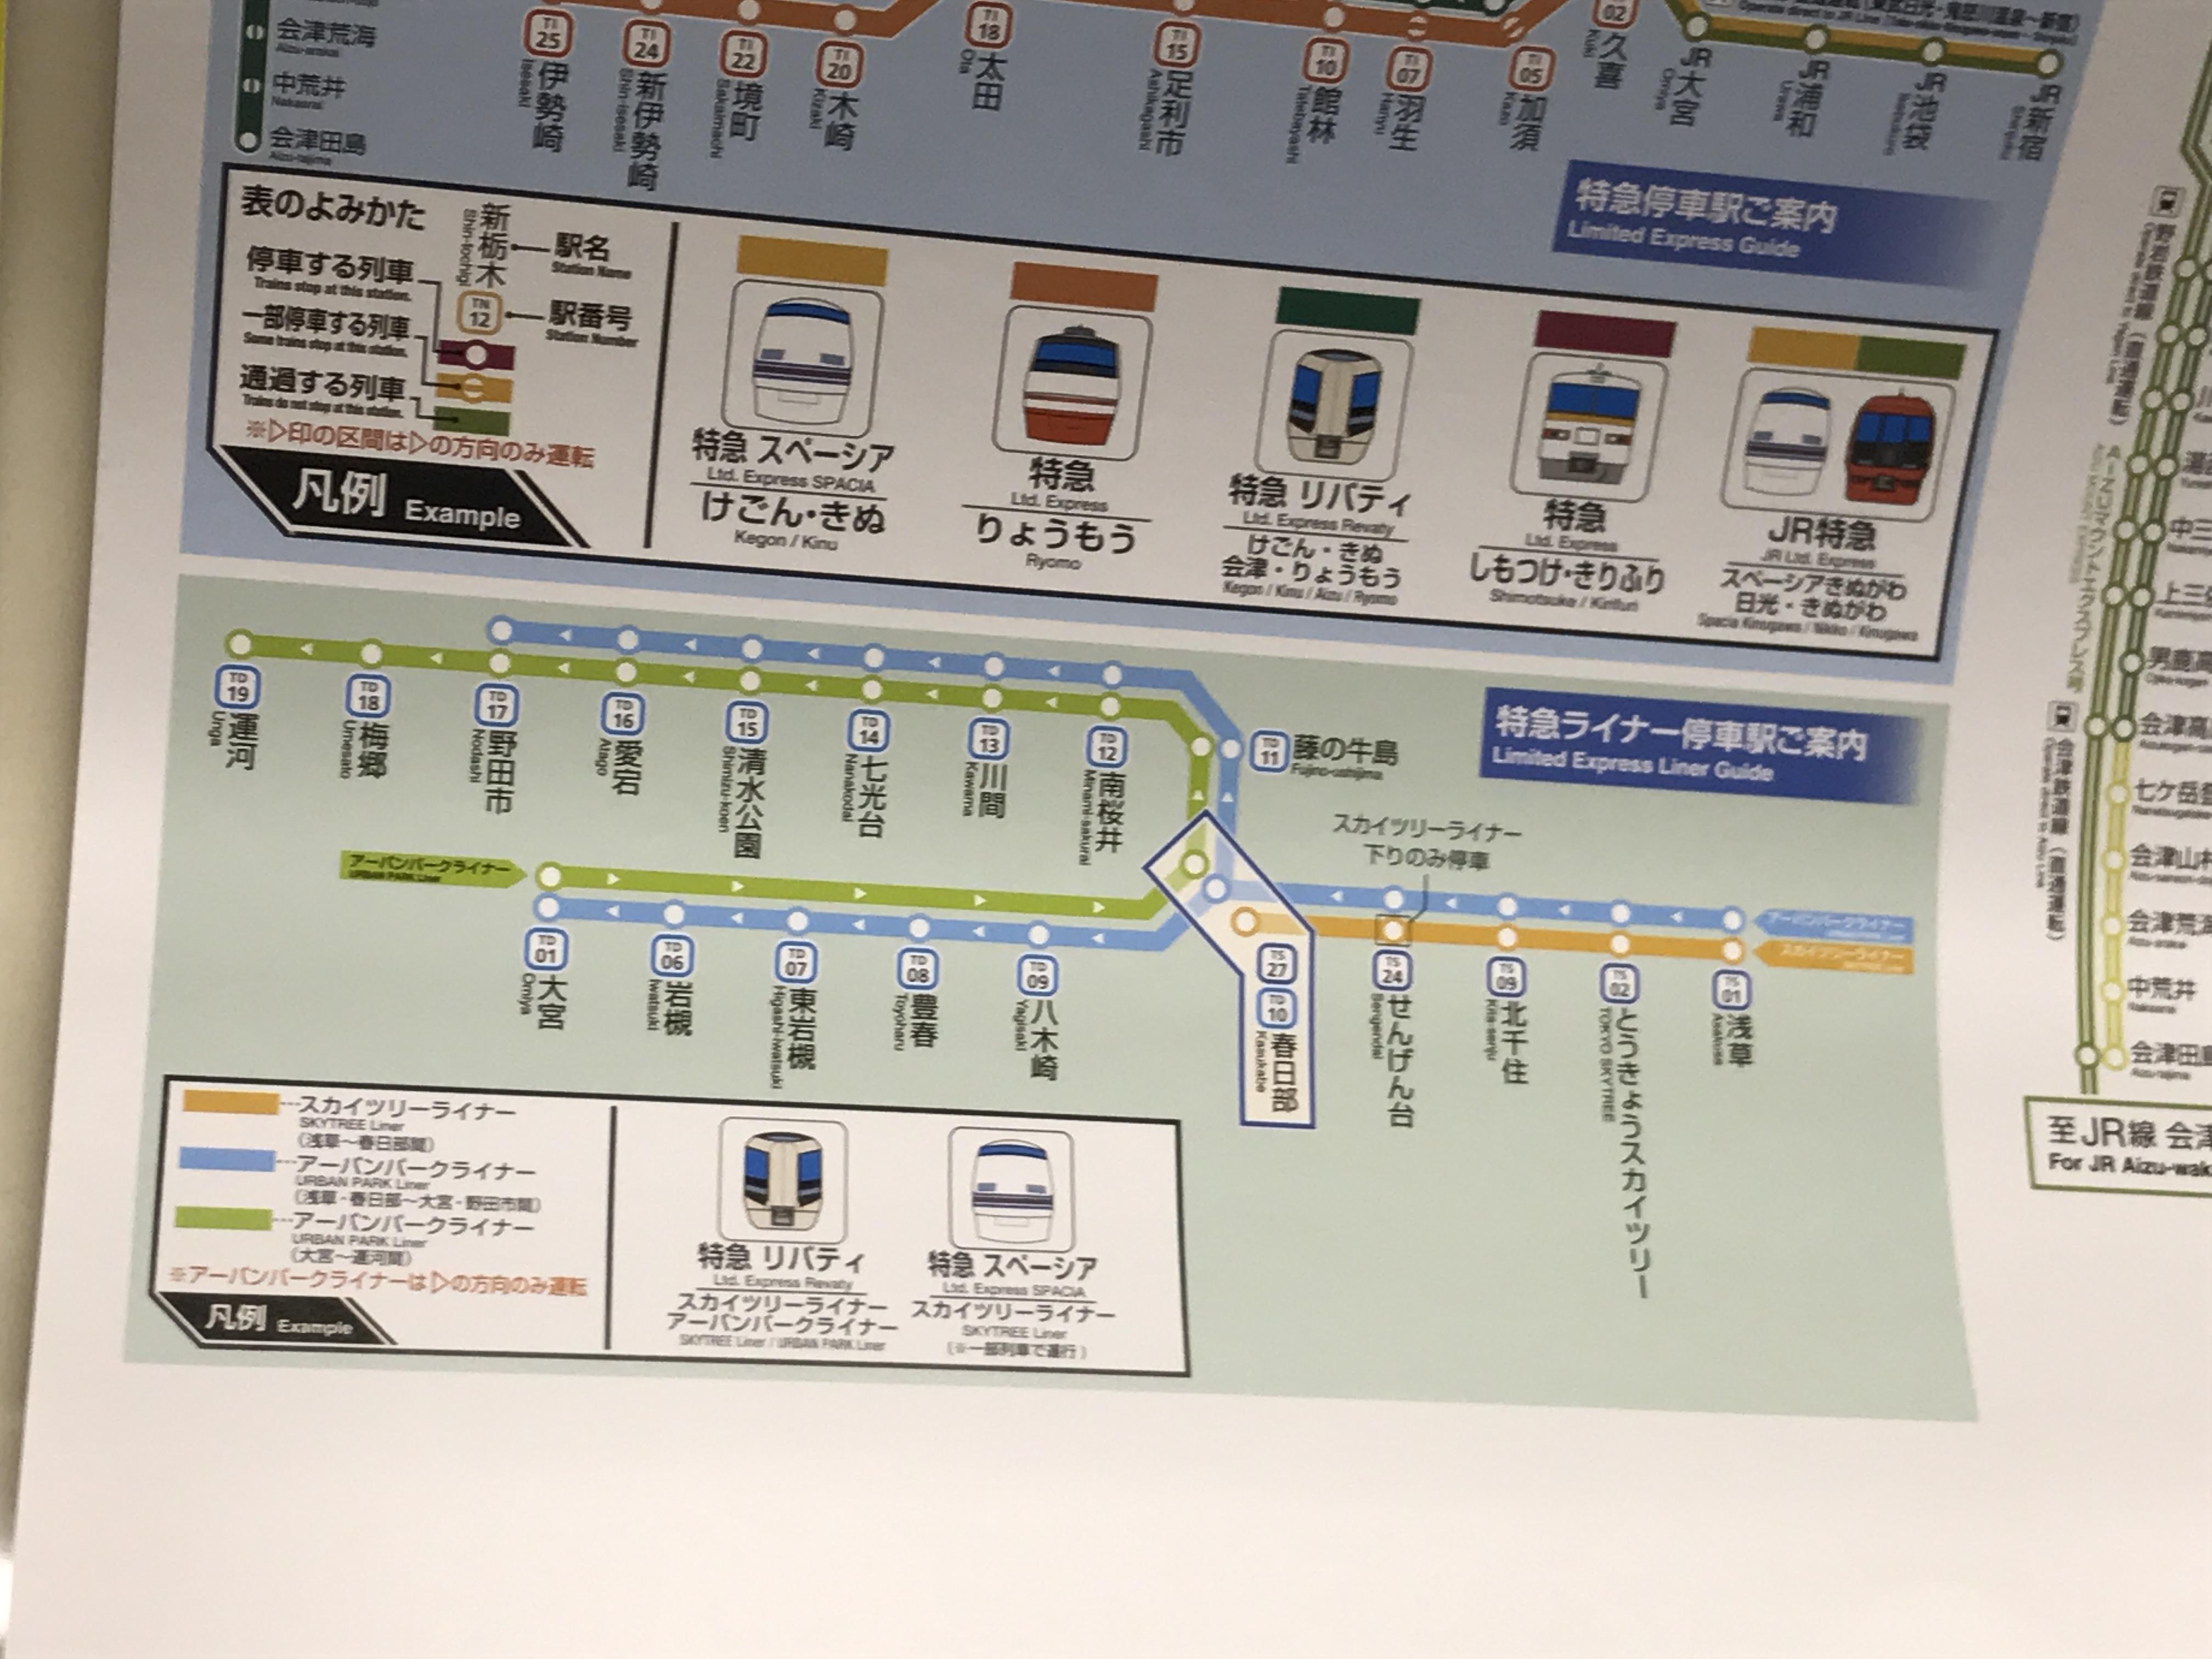 地下鉄日比谷線で